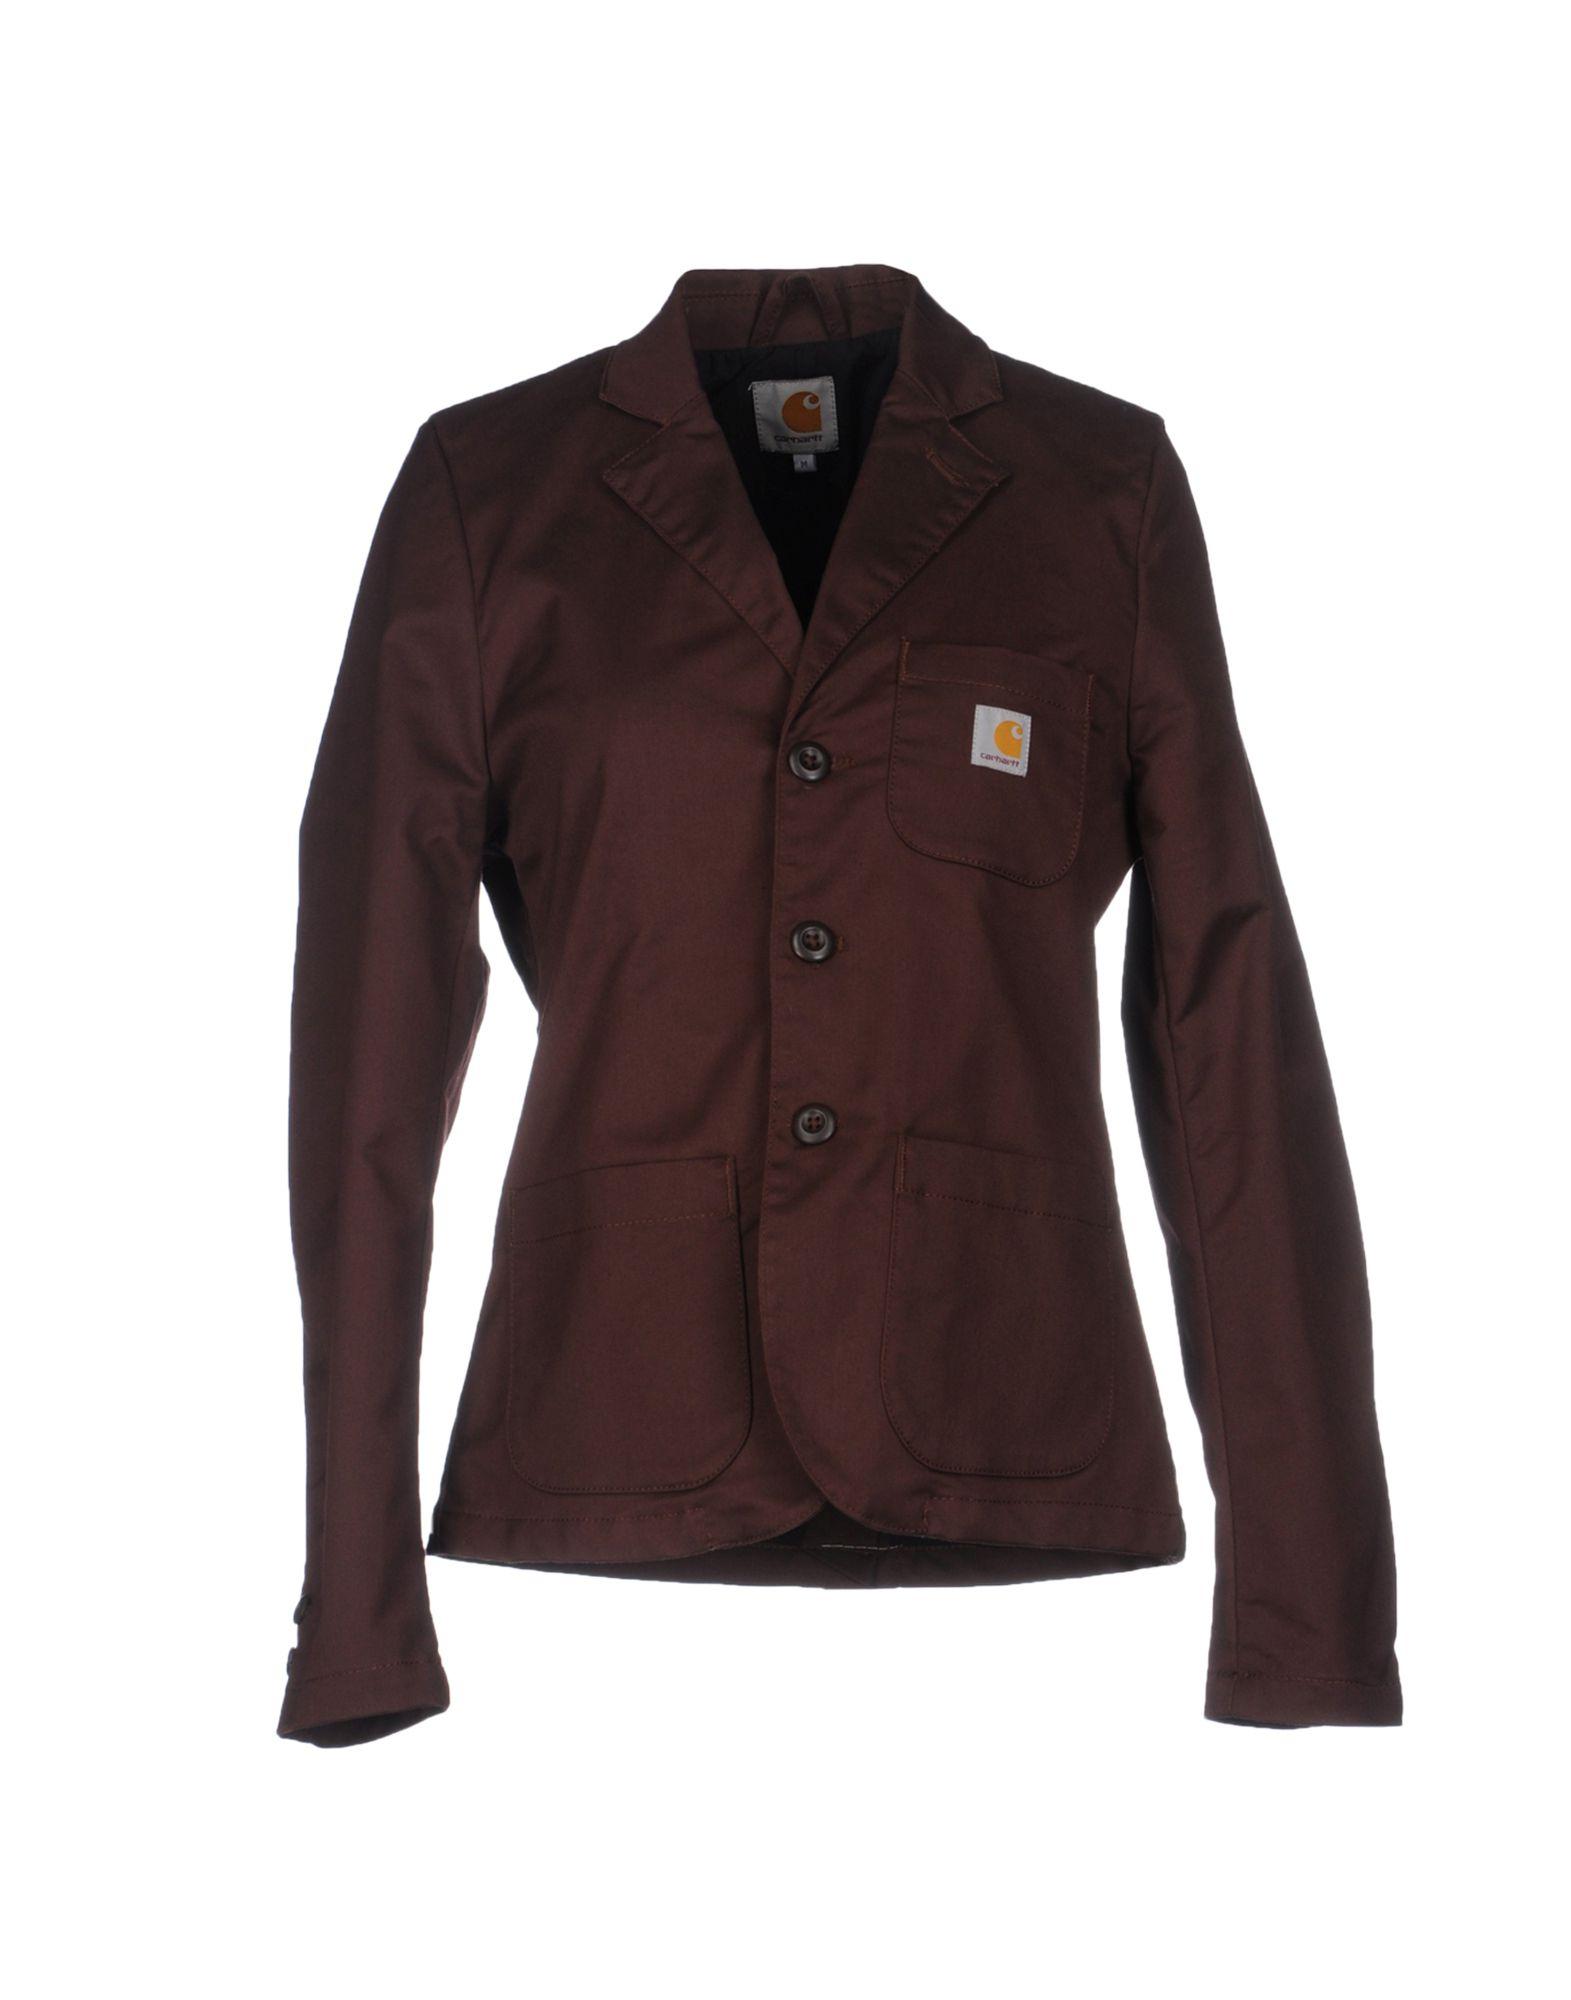 carhartt blazer in brown brown lyst